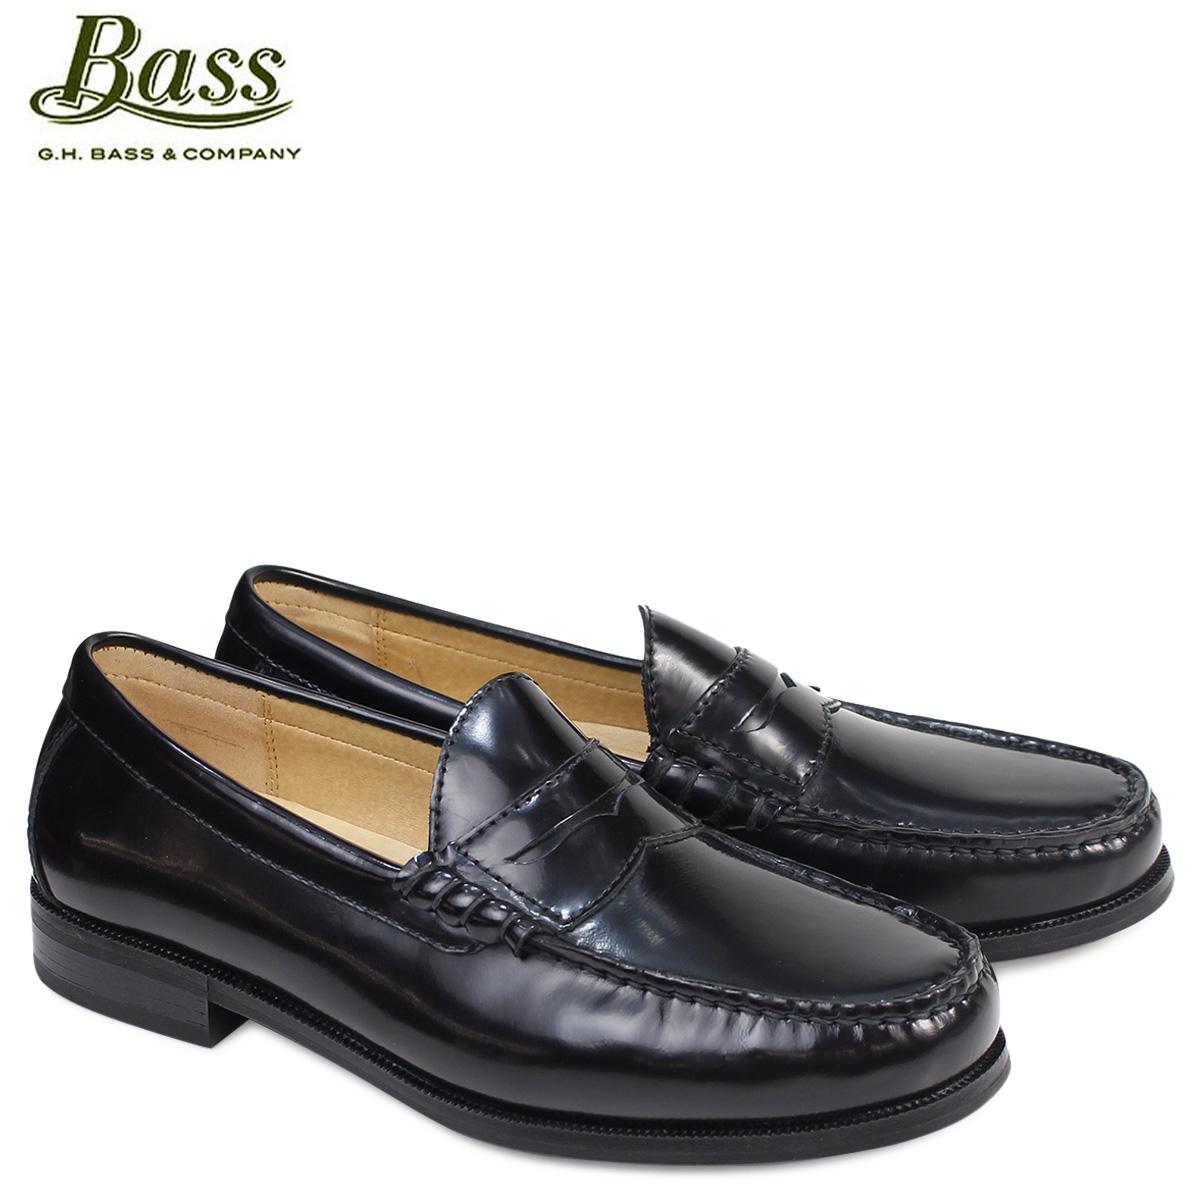 G.H. BASS ローファー ジーエイチバス メンズ ペニー CARMICHAEL PENNY LOAFER 70-10204 靴 ブラック